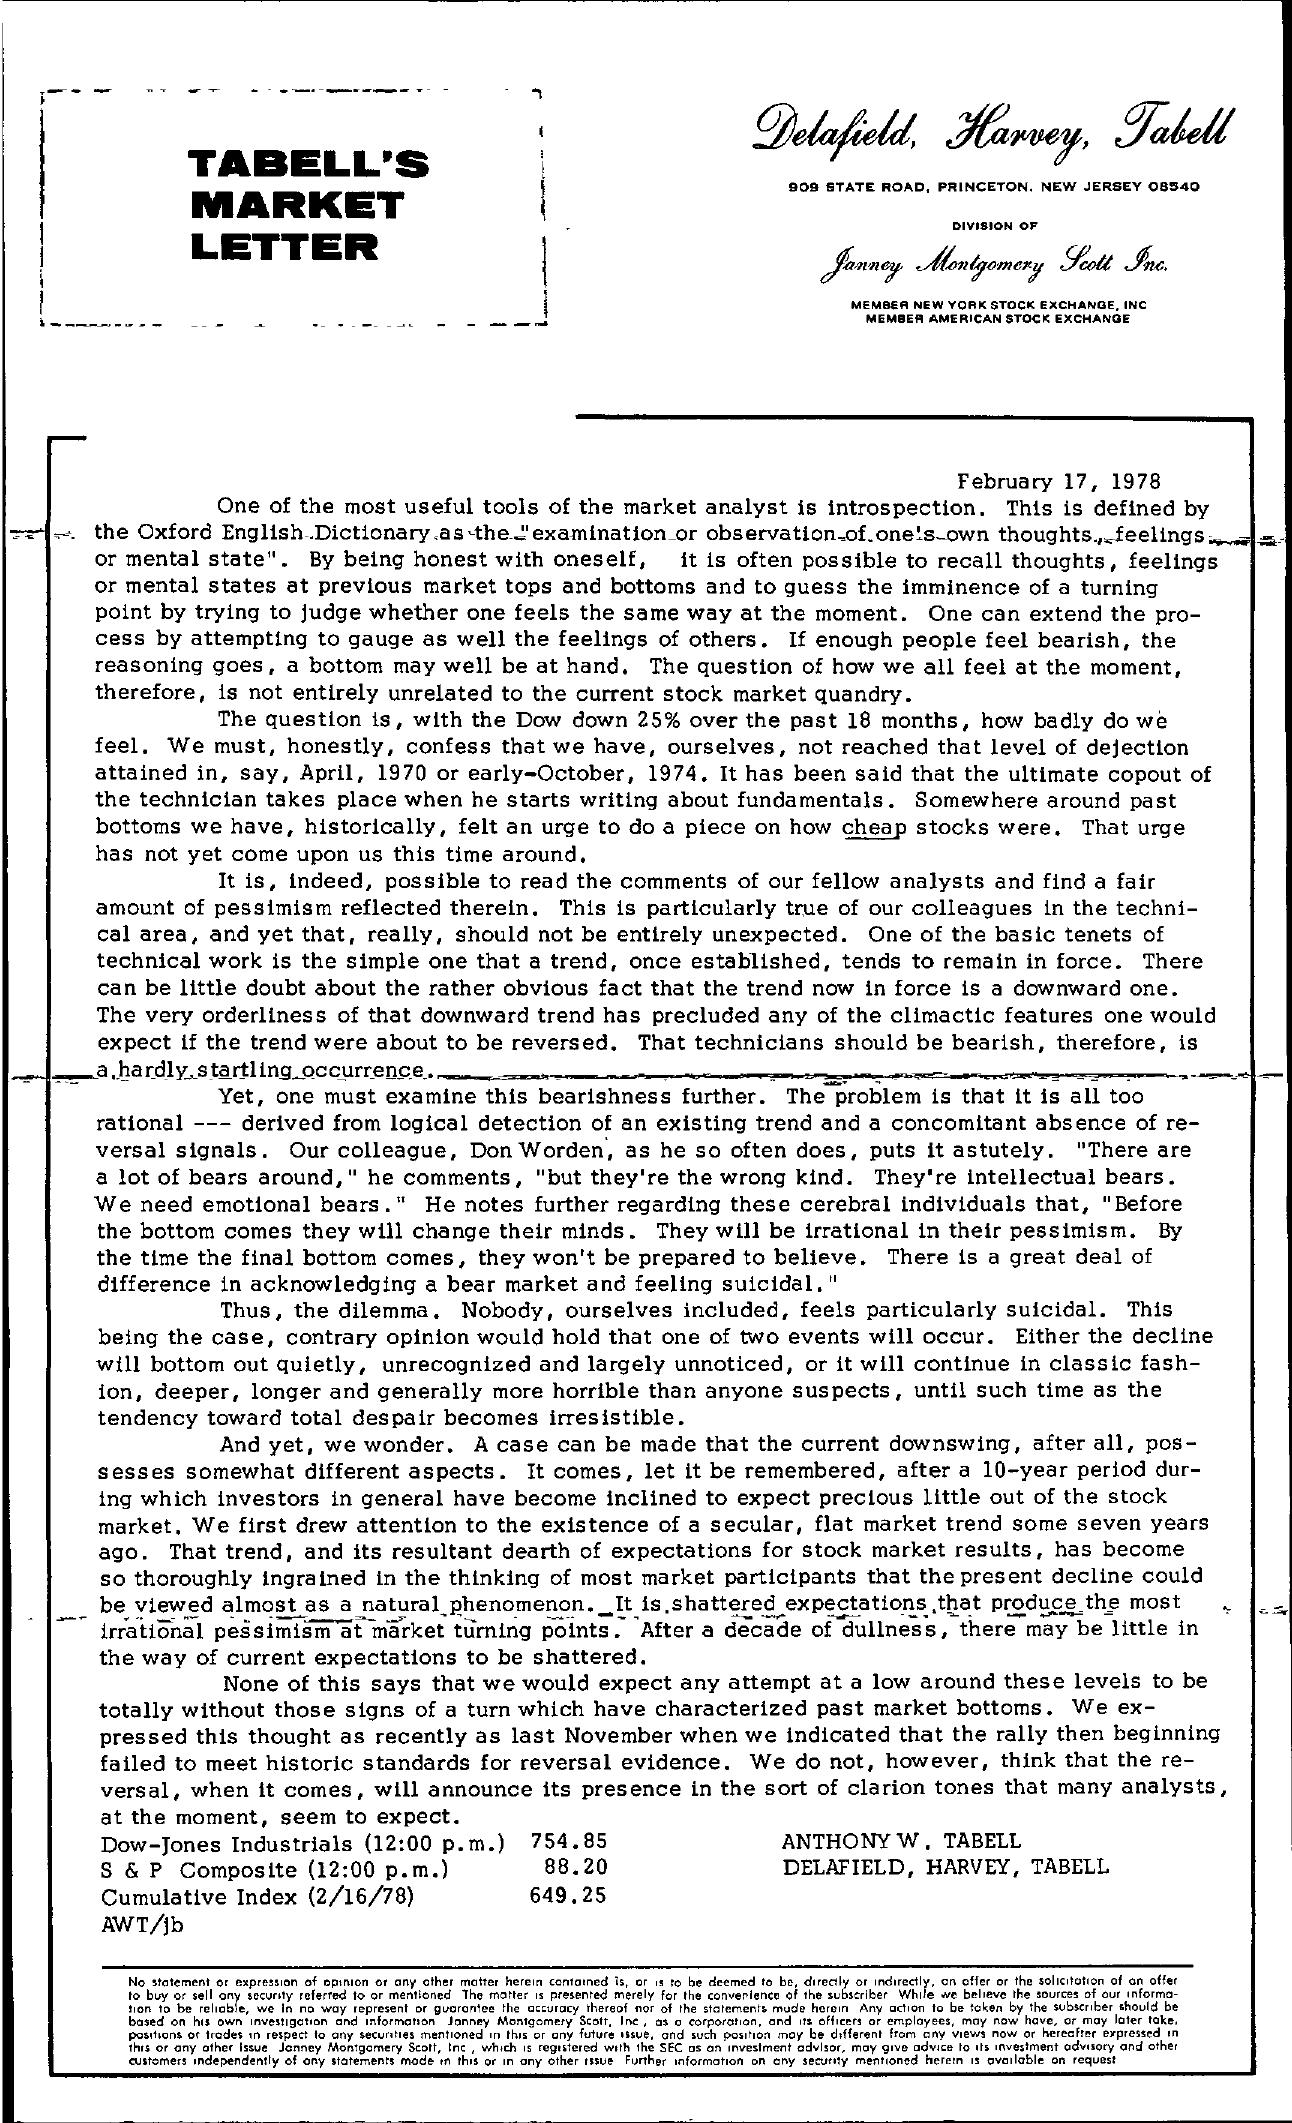 Tabell's Market Letter - February 17, 1978